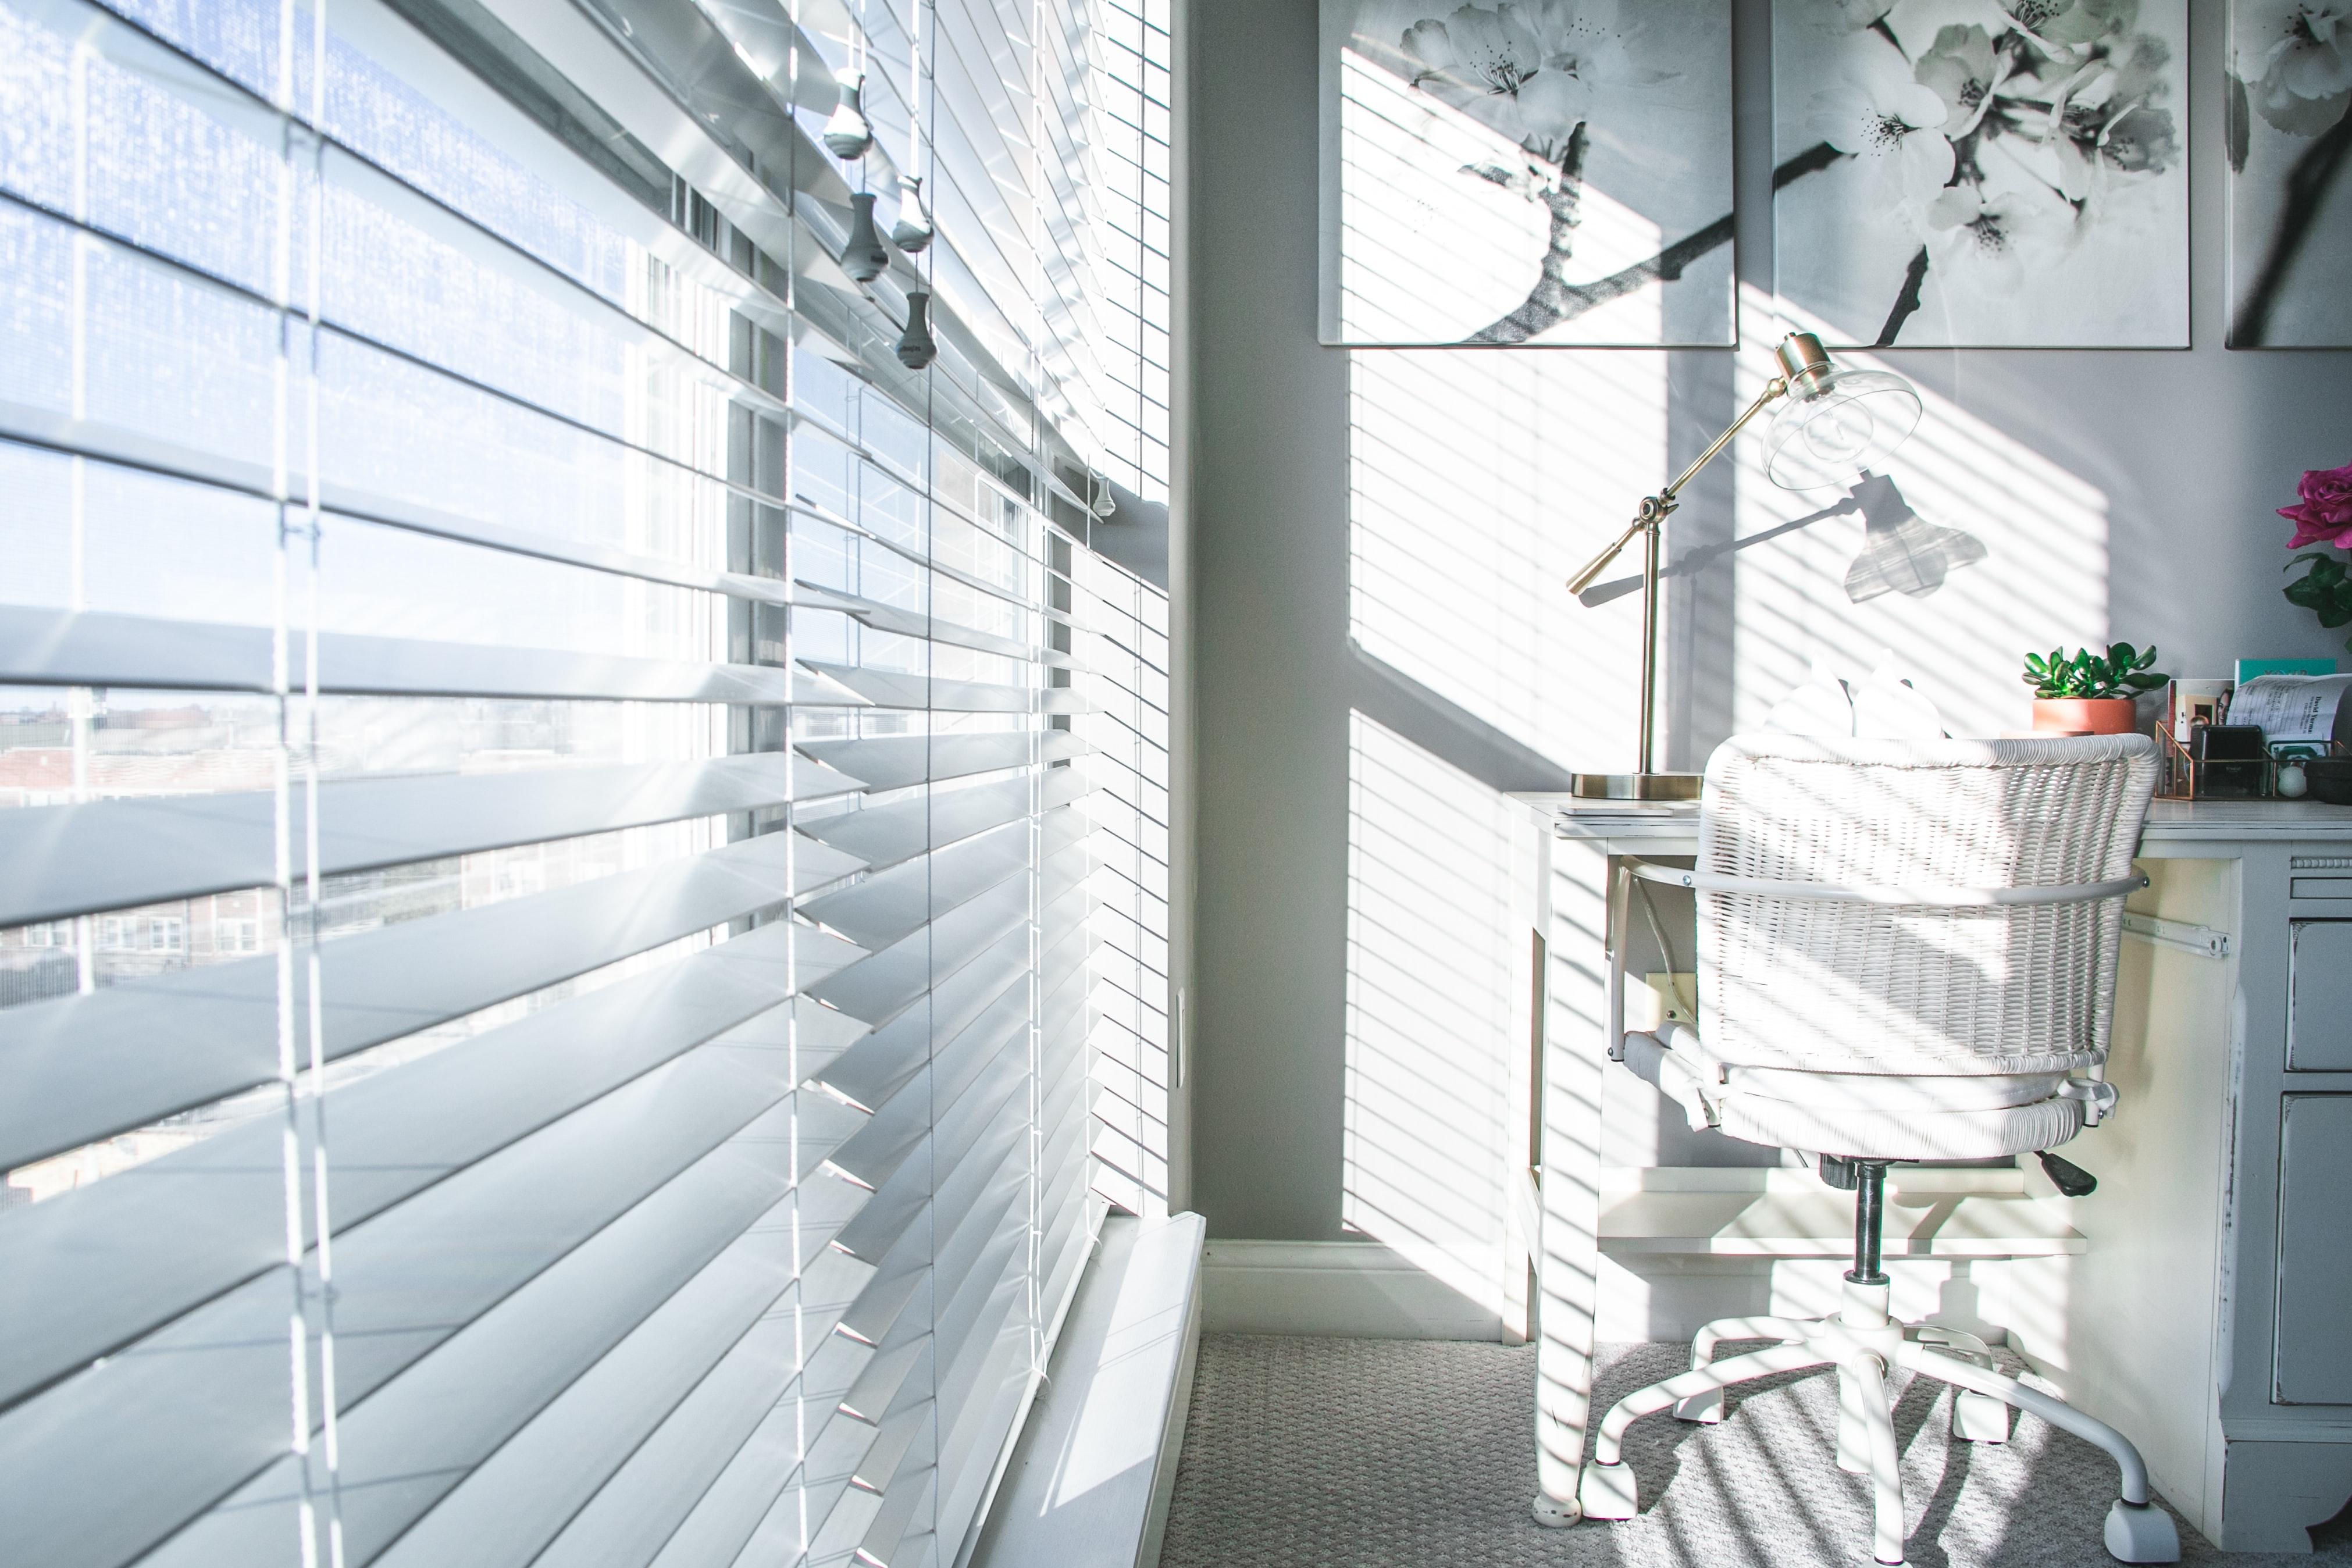 Hitte in huis bestrijden met zonwering of een airco?